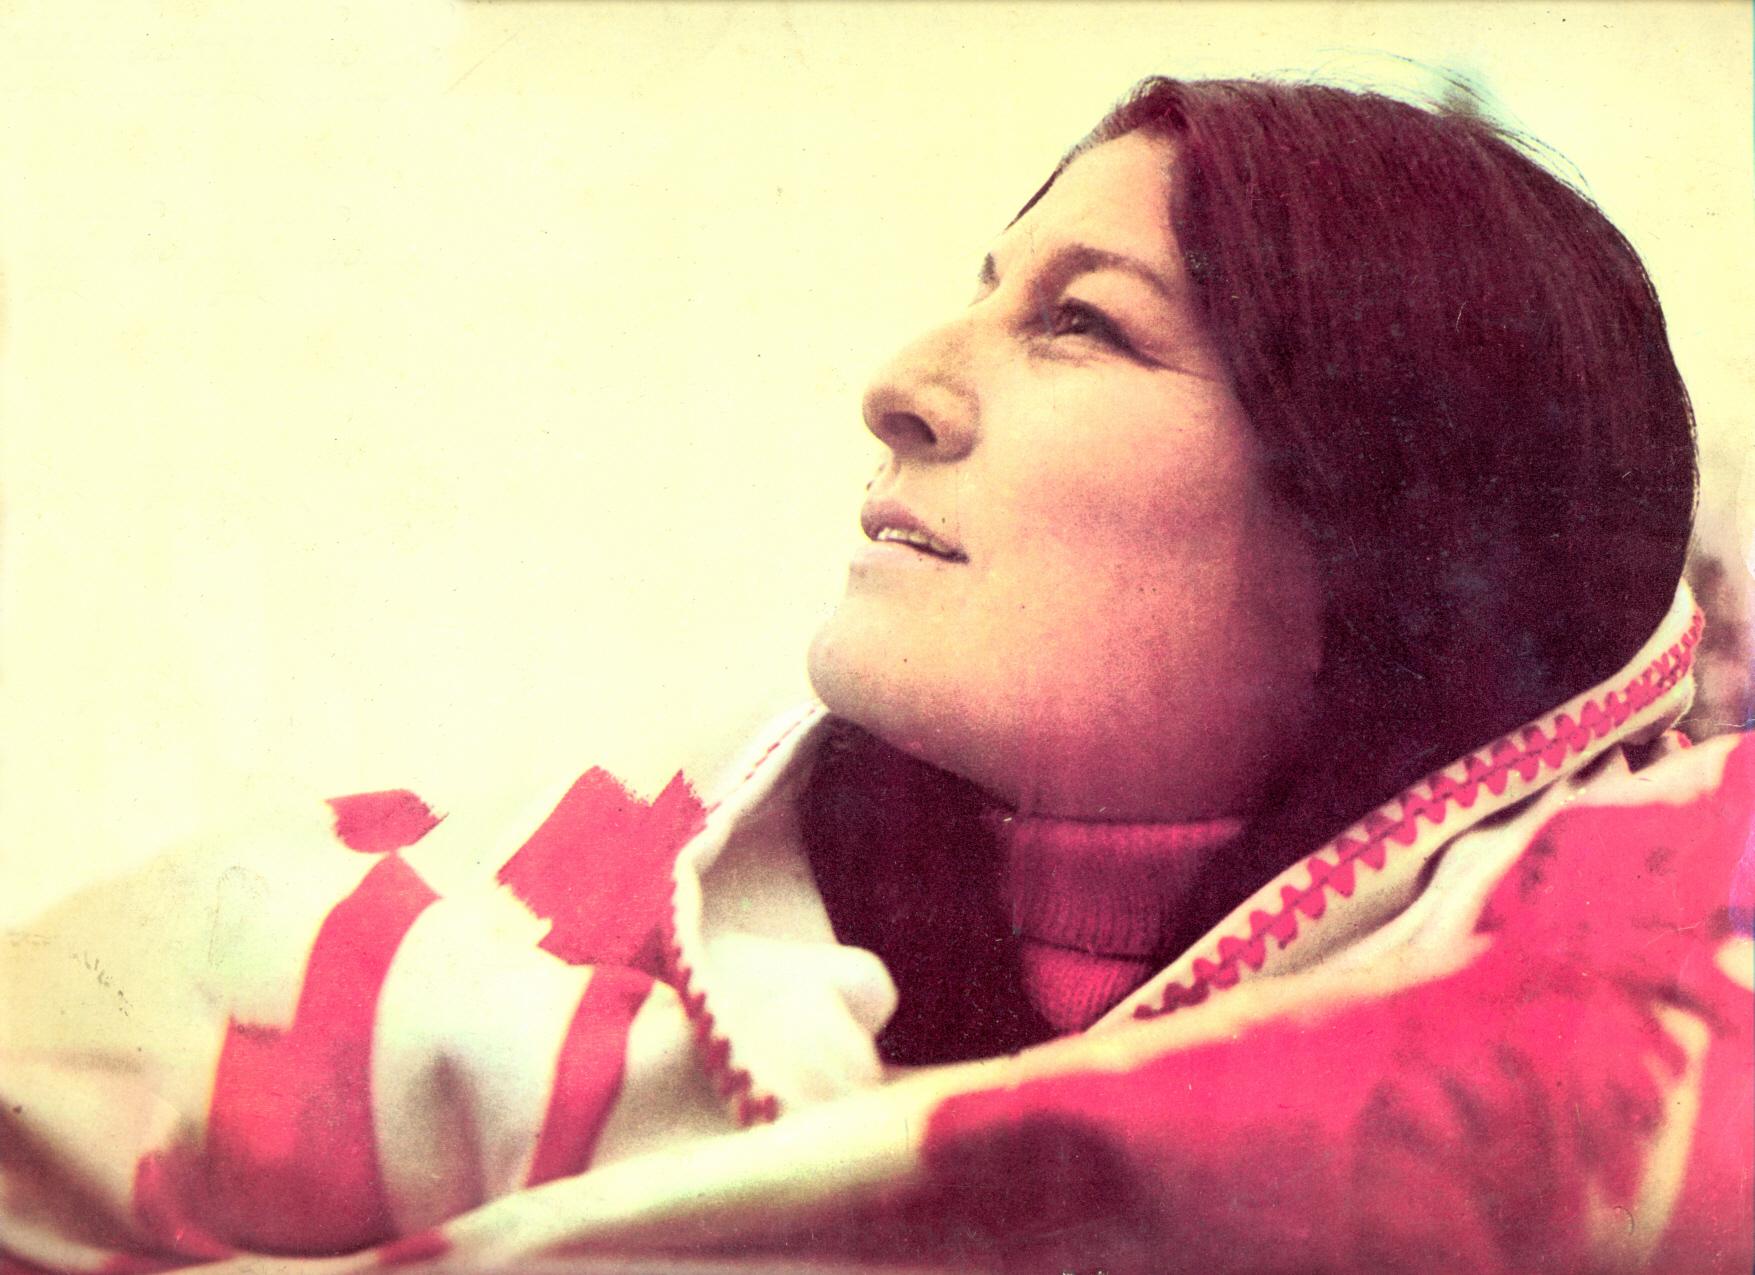 Mercedes Sosa en la portada del álbum Hasta la victoria (1972).